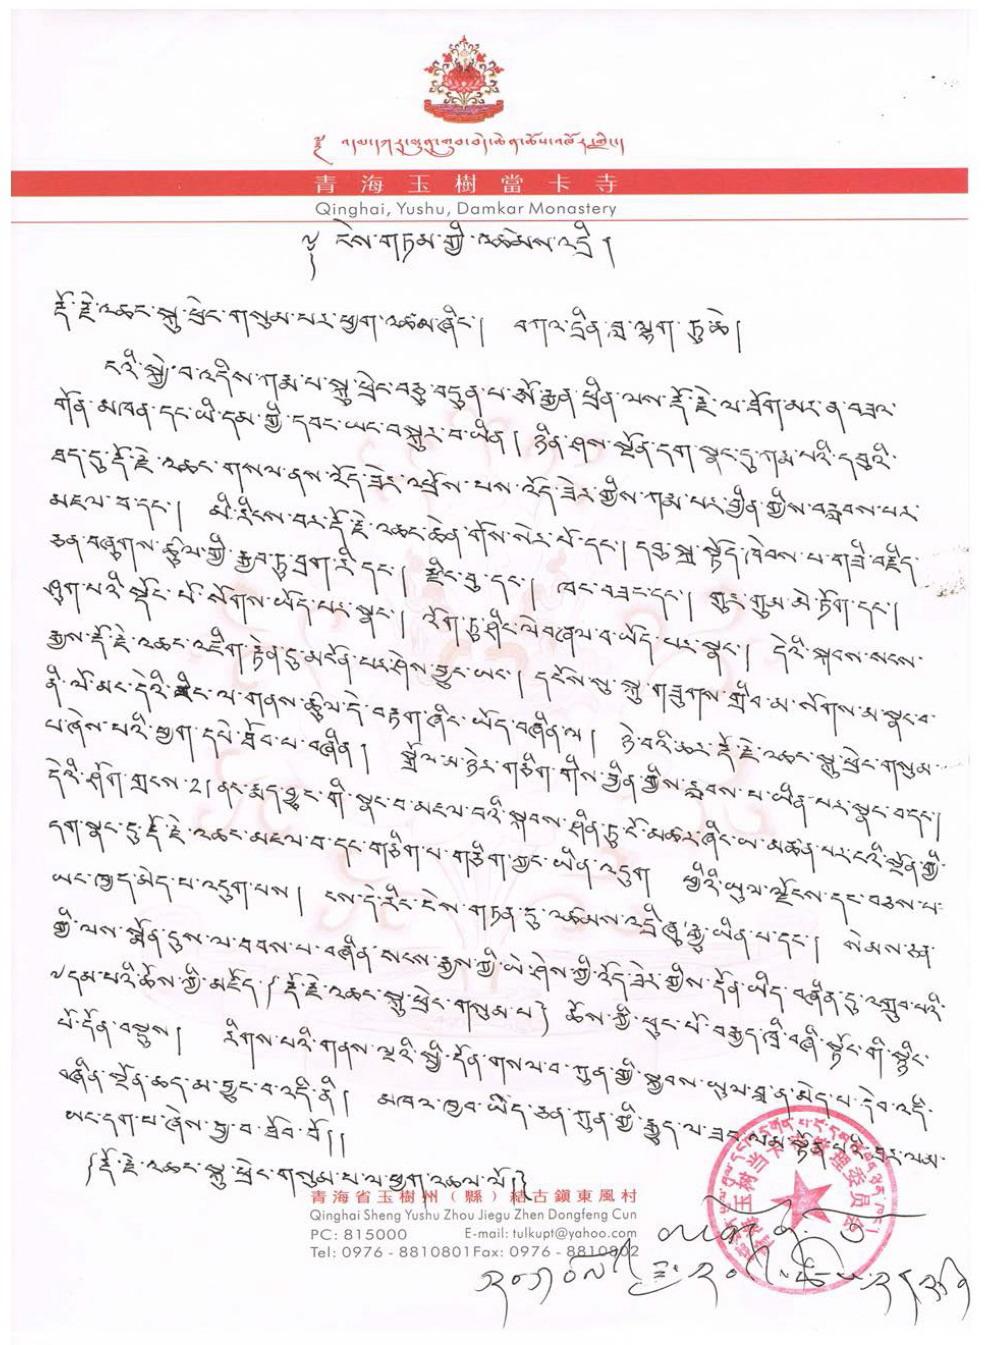 公保·都穆曲吉法王认证恭贺第三世多杰羌佛 第2张